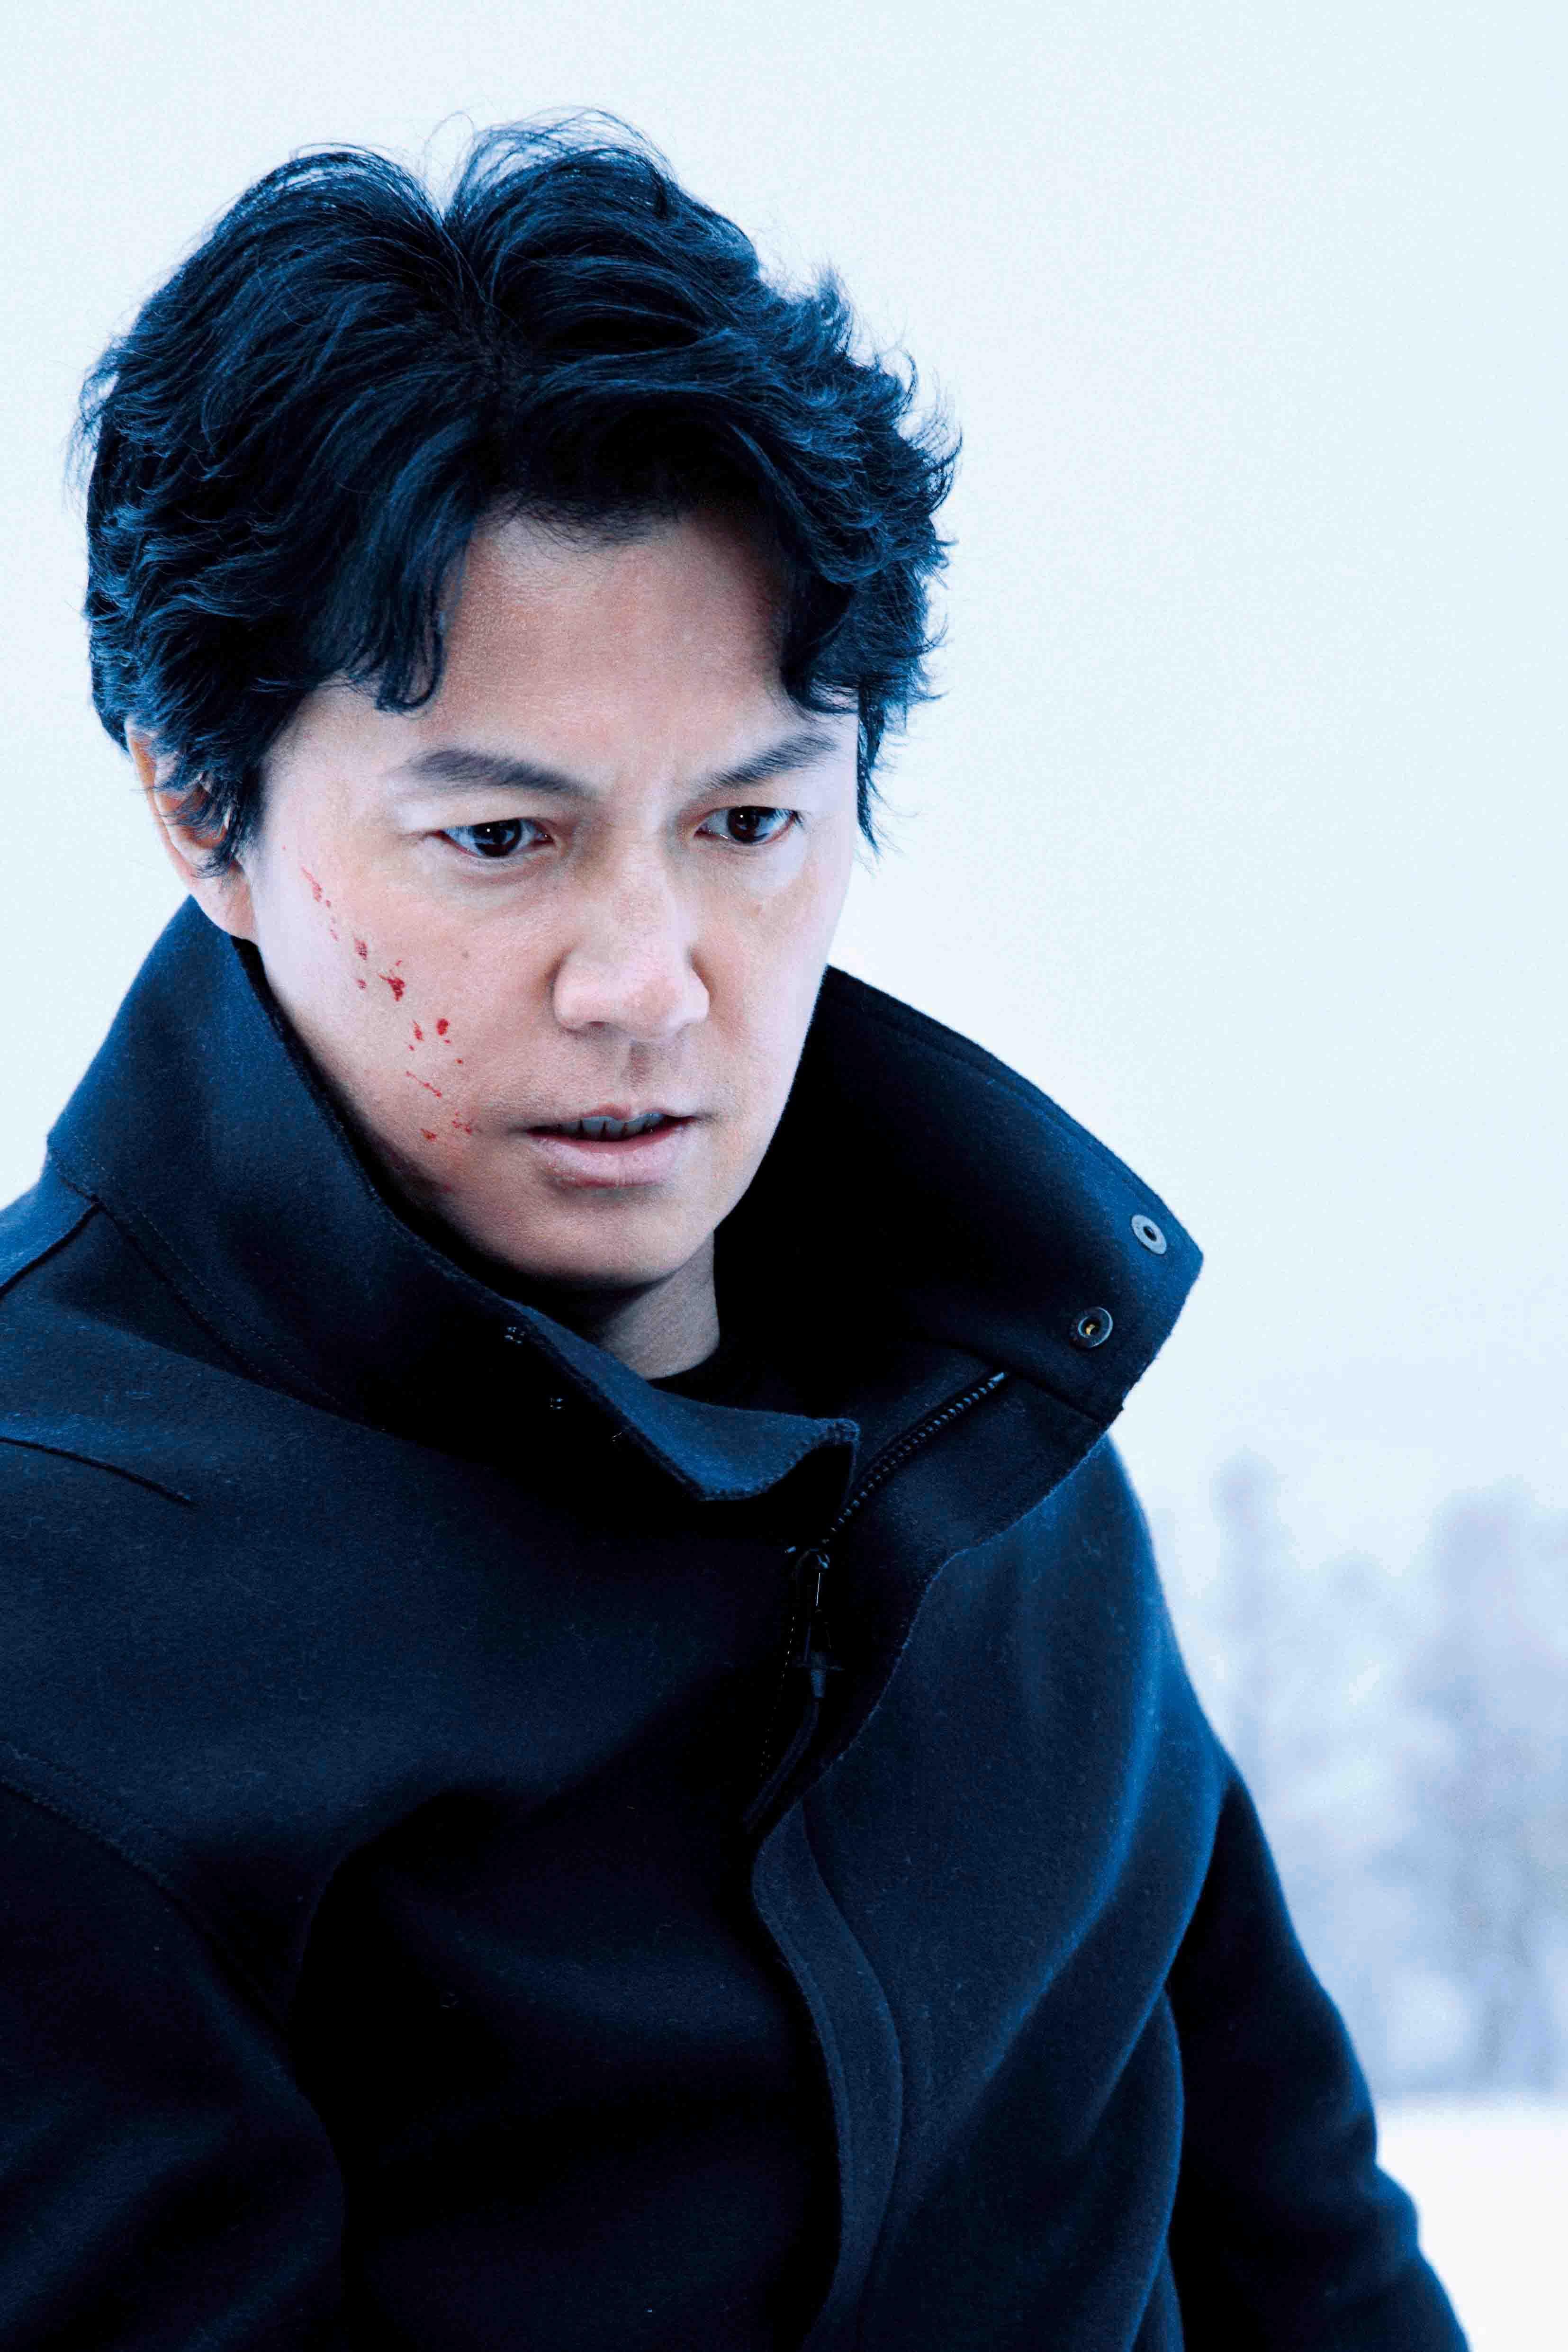 日本悬疑电影《第三度嫌疑人》用自己的死保护了那仅有的一丝人性 (9)